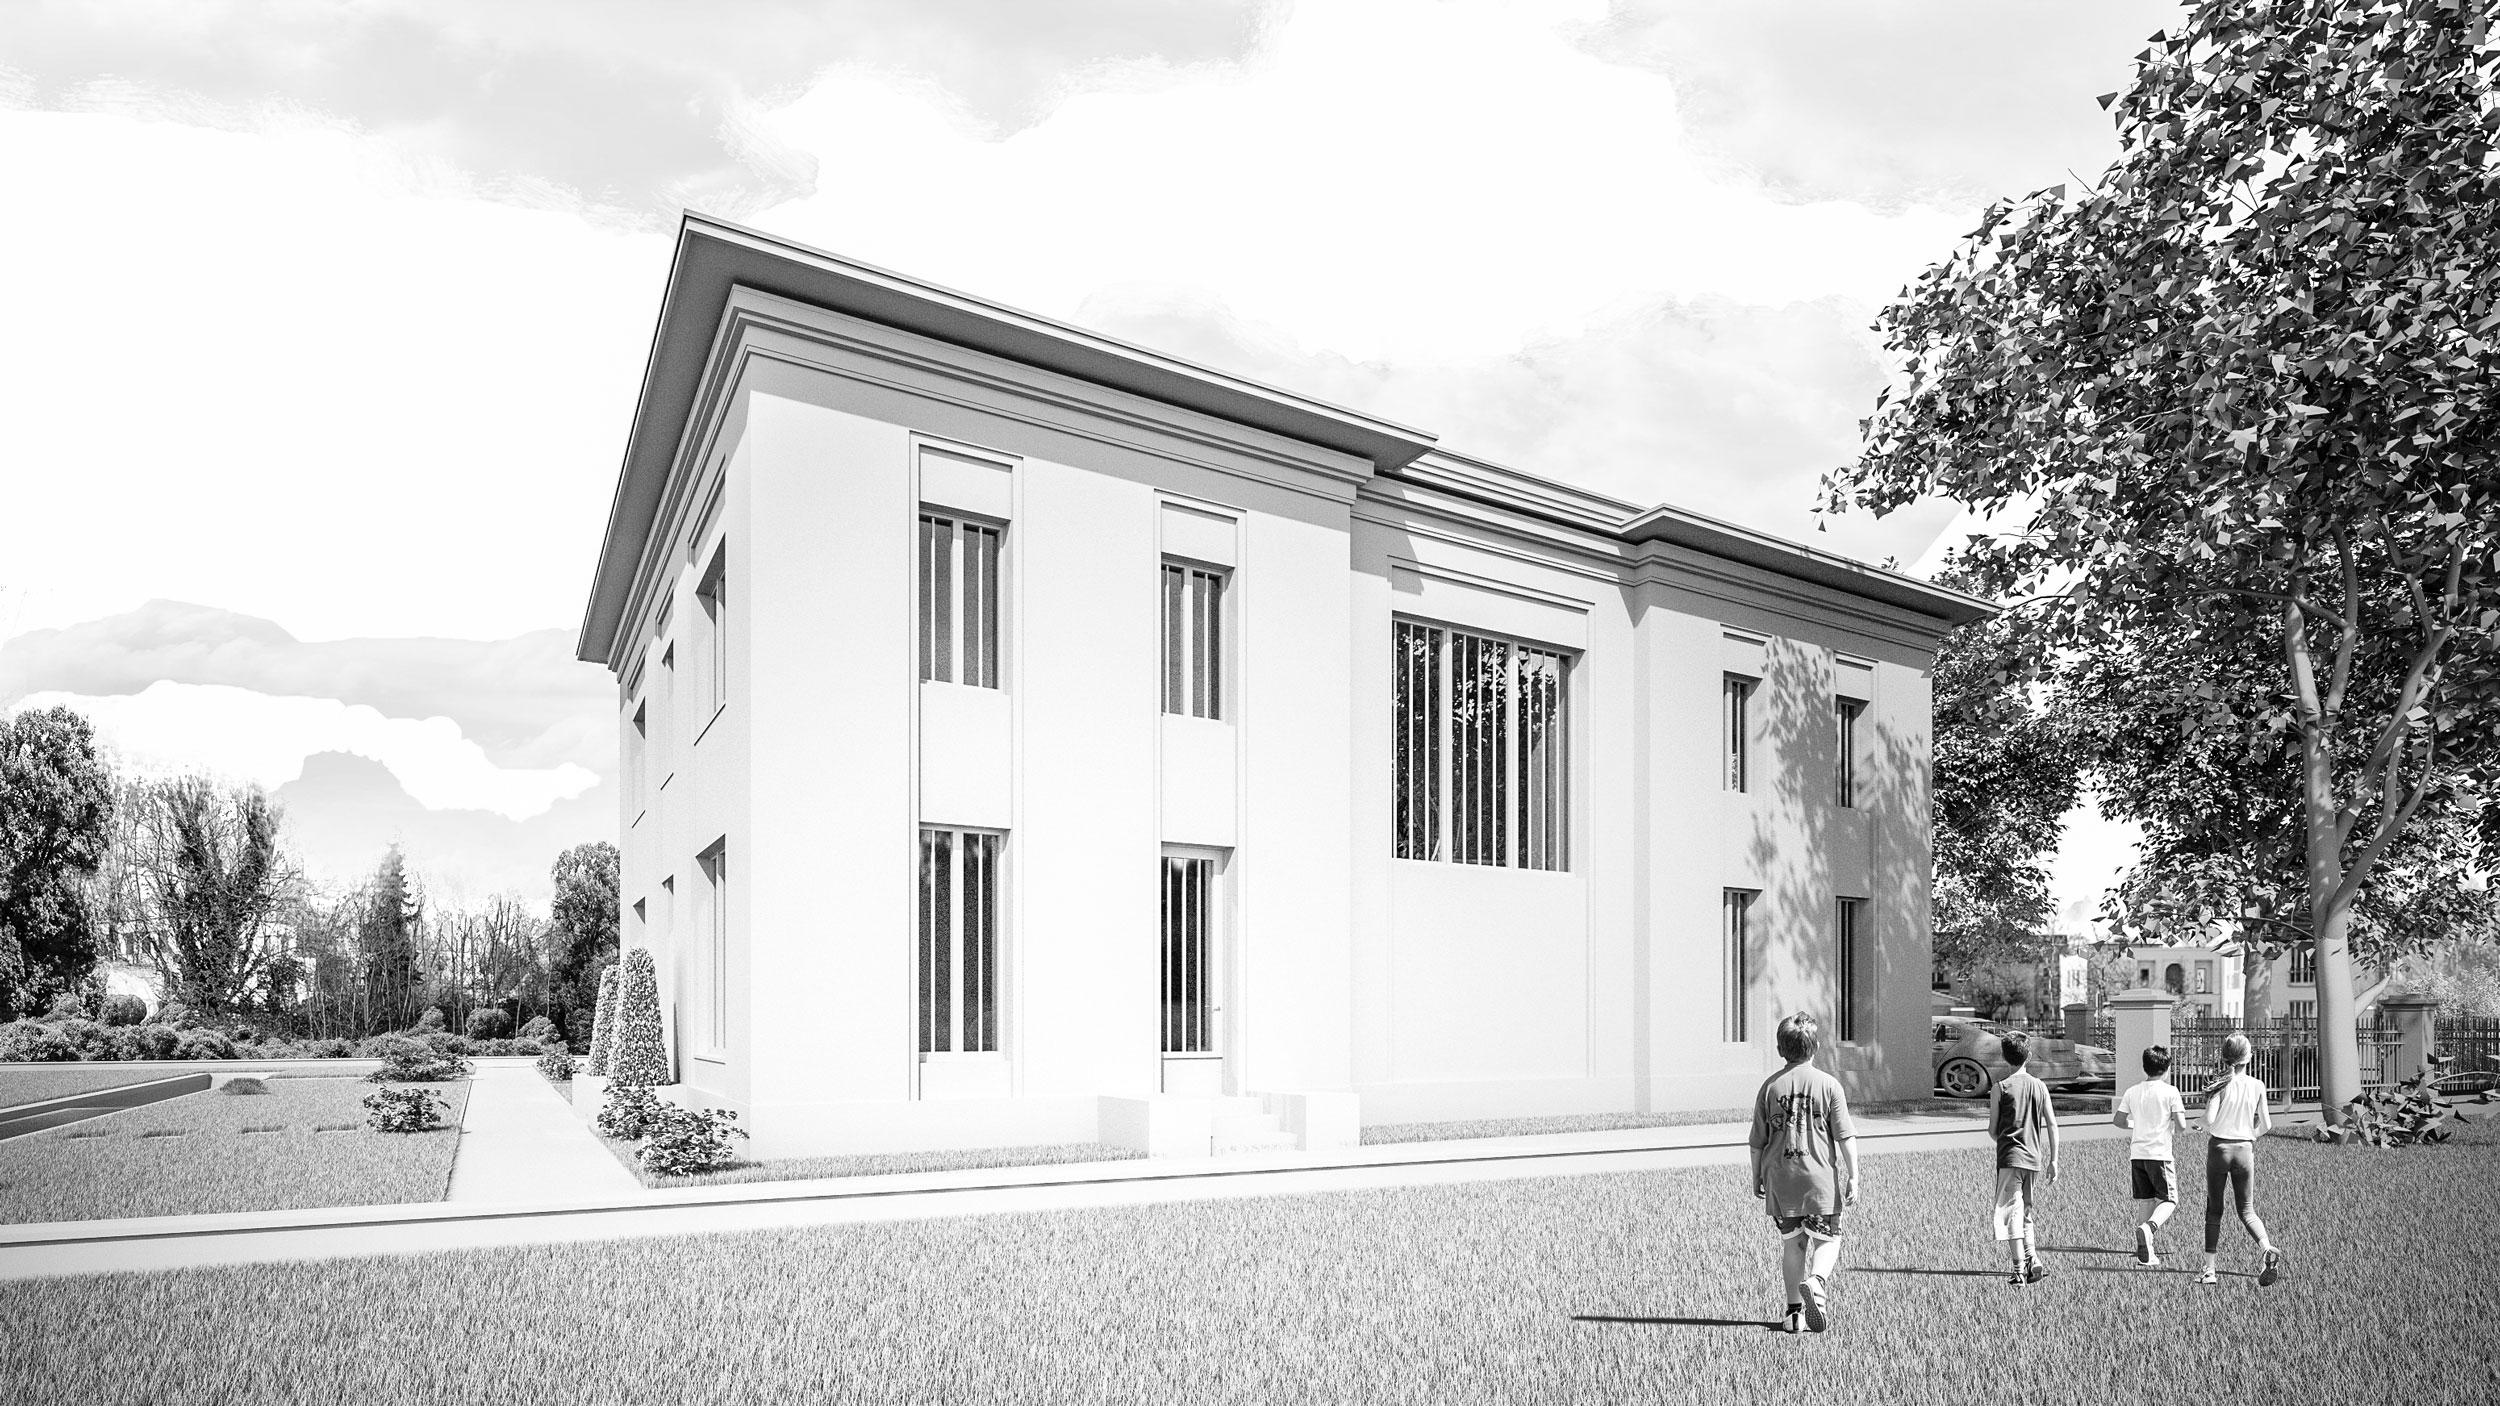 Neubau einer Landhausvilla in der Berliner Vorstadt in Potsdam - Die Wohnbereiche und die vollverglaste Terppenhalle gliedern die Gartenfassade.